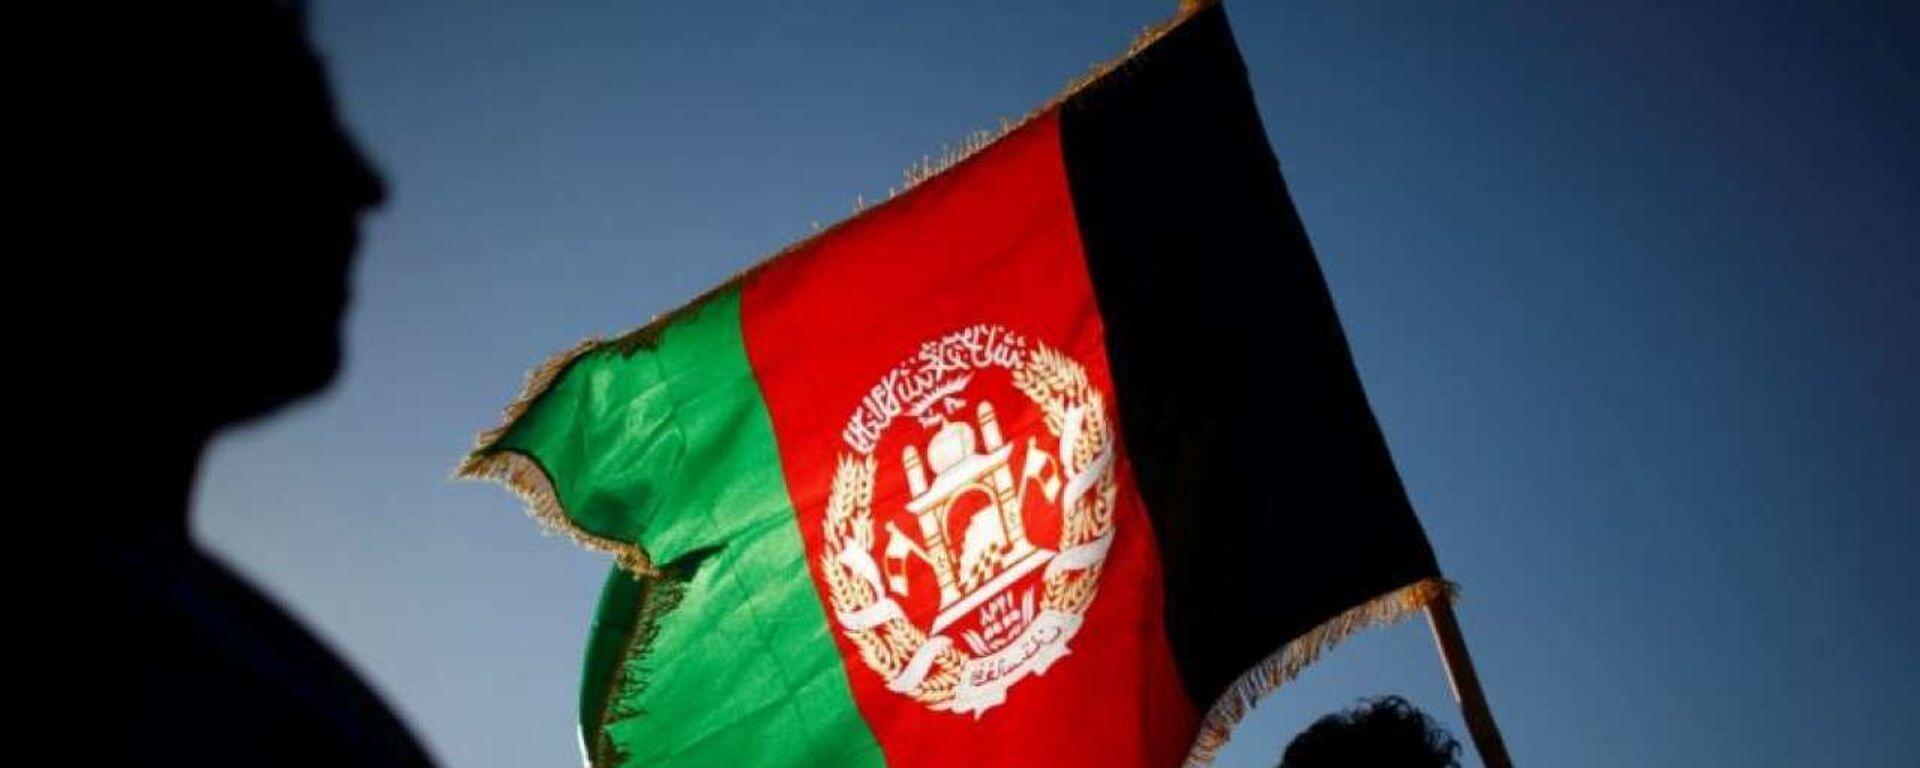 Afganistan bayrağı - Sputnik Türkiye, 1920, 12.08.2021